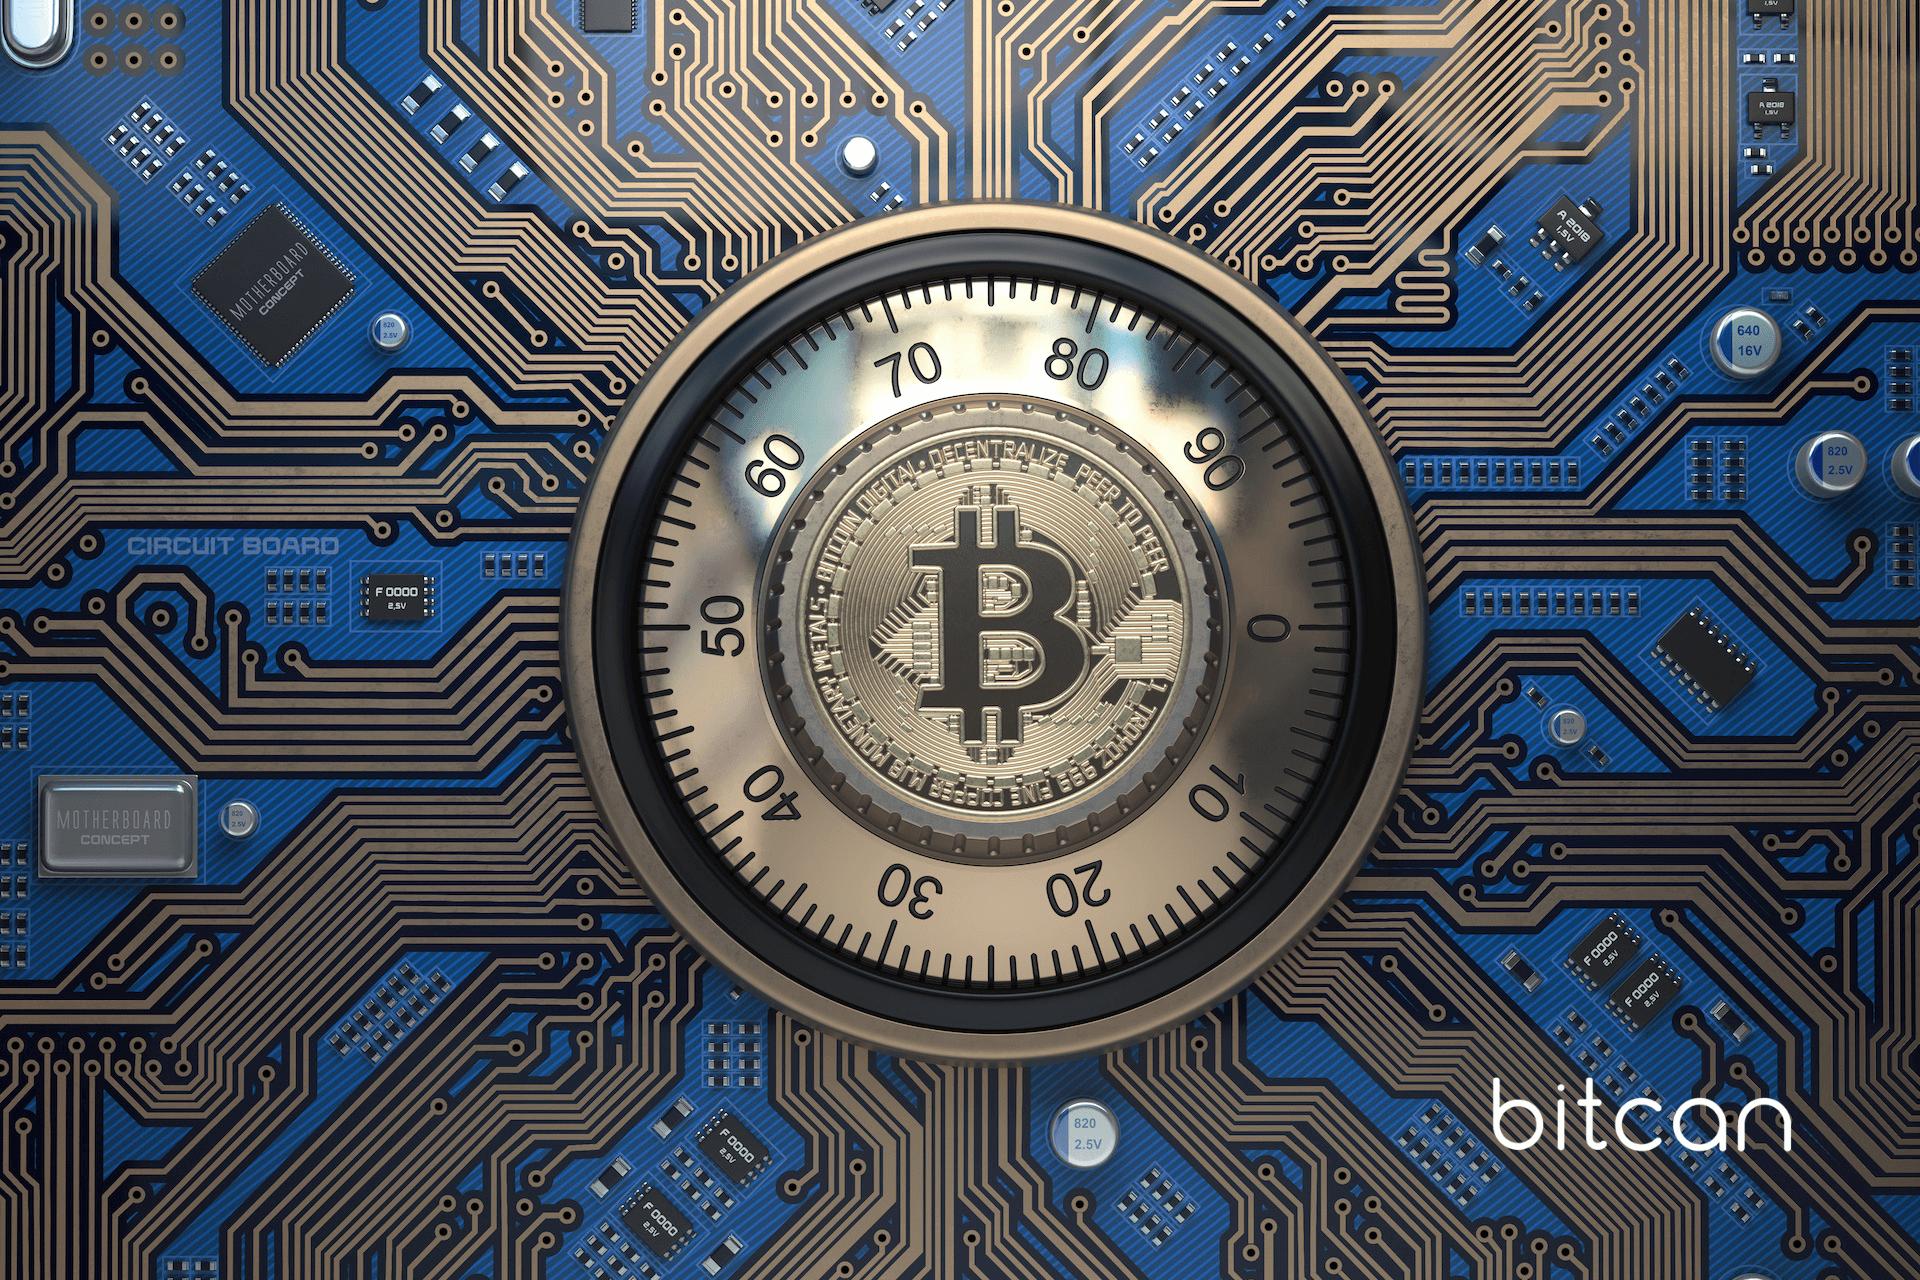 W jaki sposób agregaty walut cyfrowych walczą z oszustwami na swoich platformach?